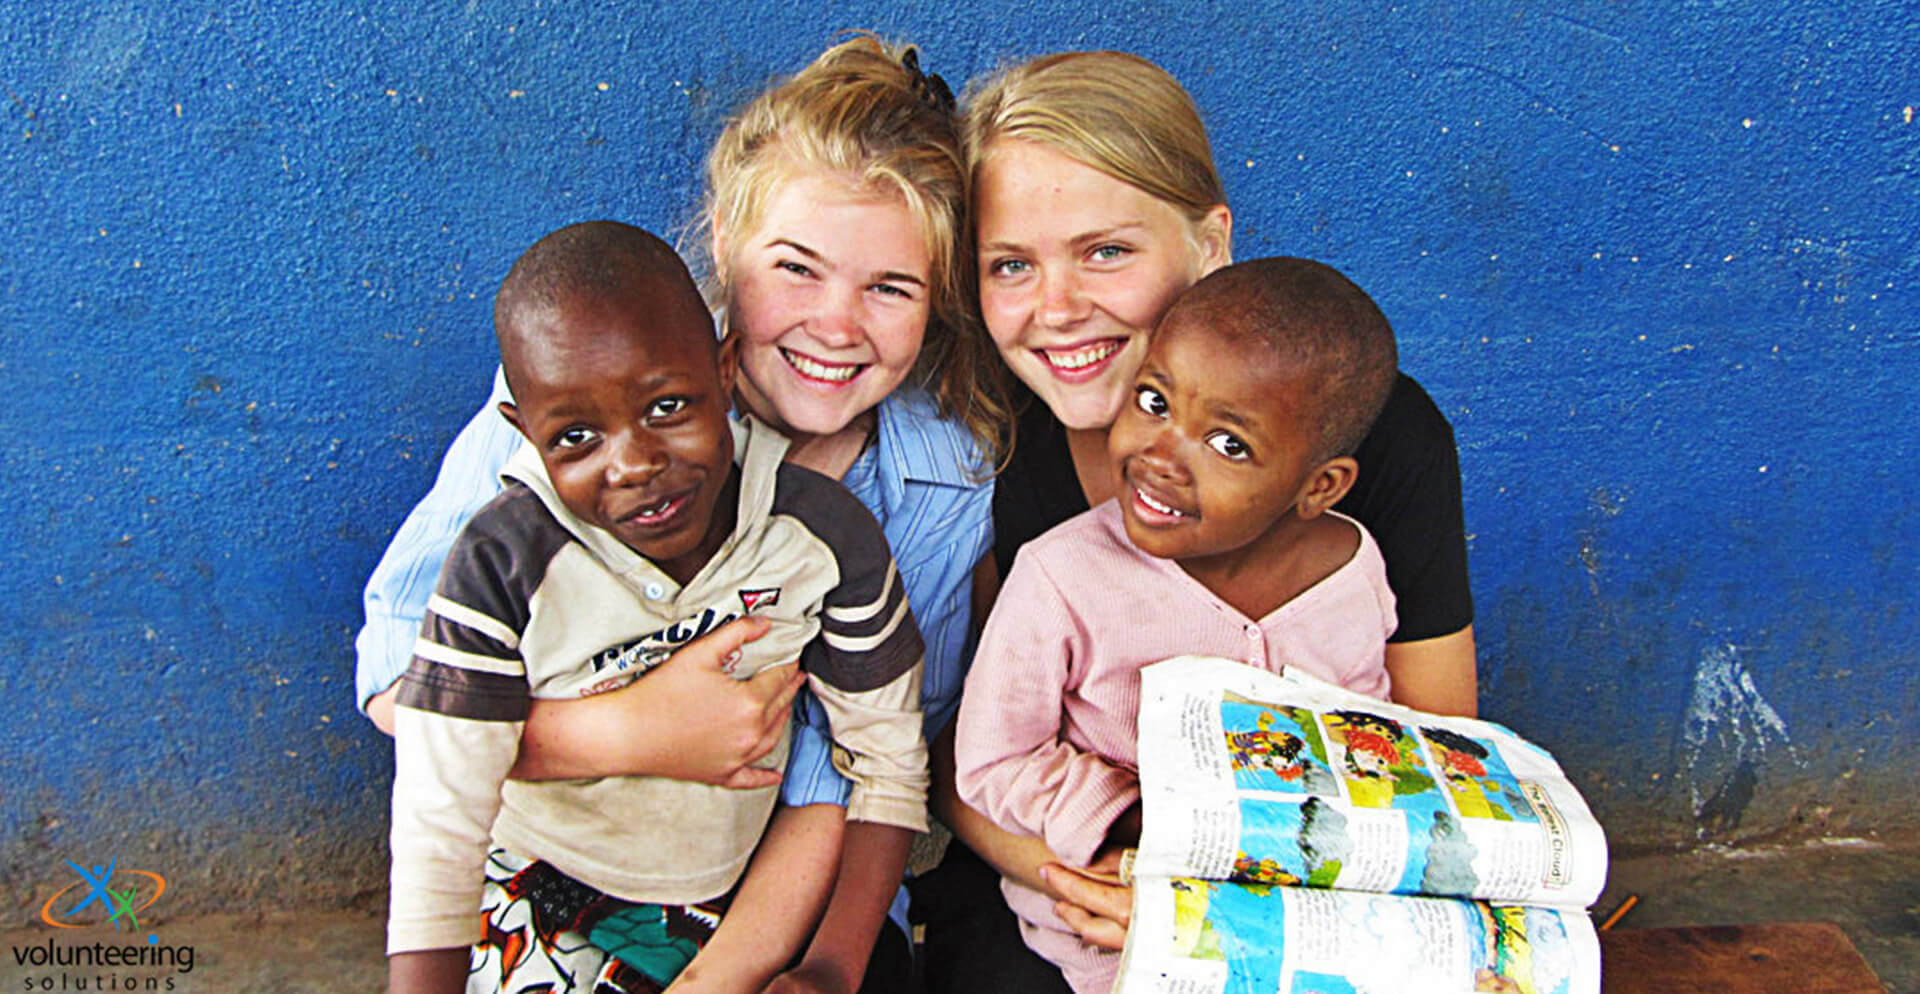 Voluntariado en África con soluciones de voluntariado